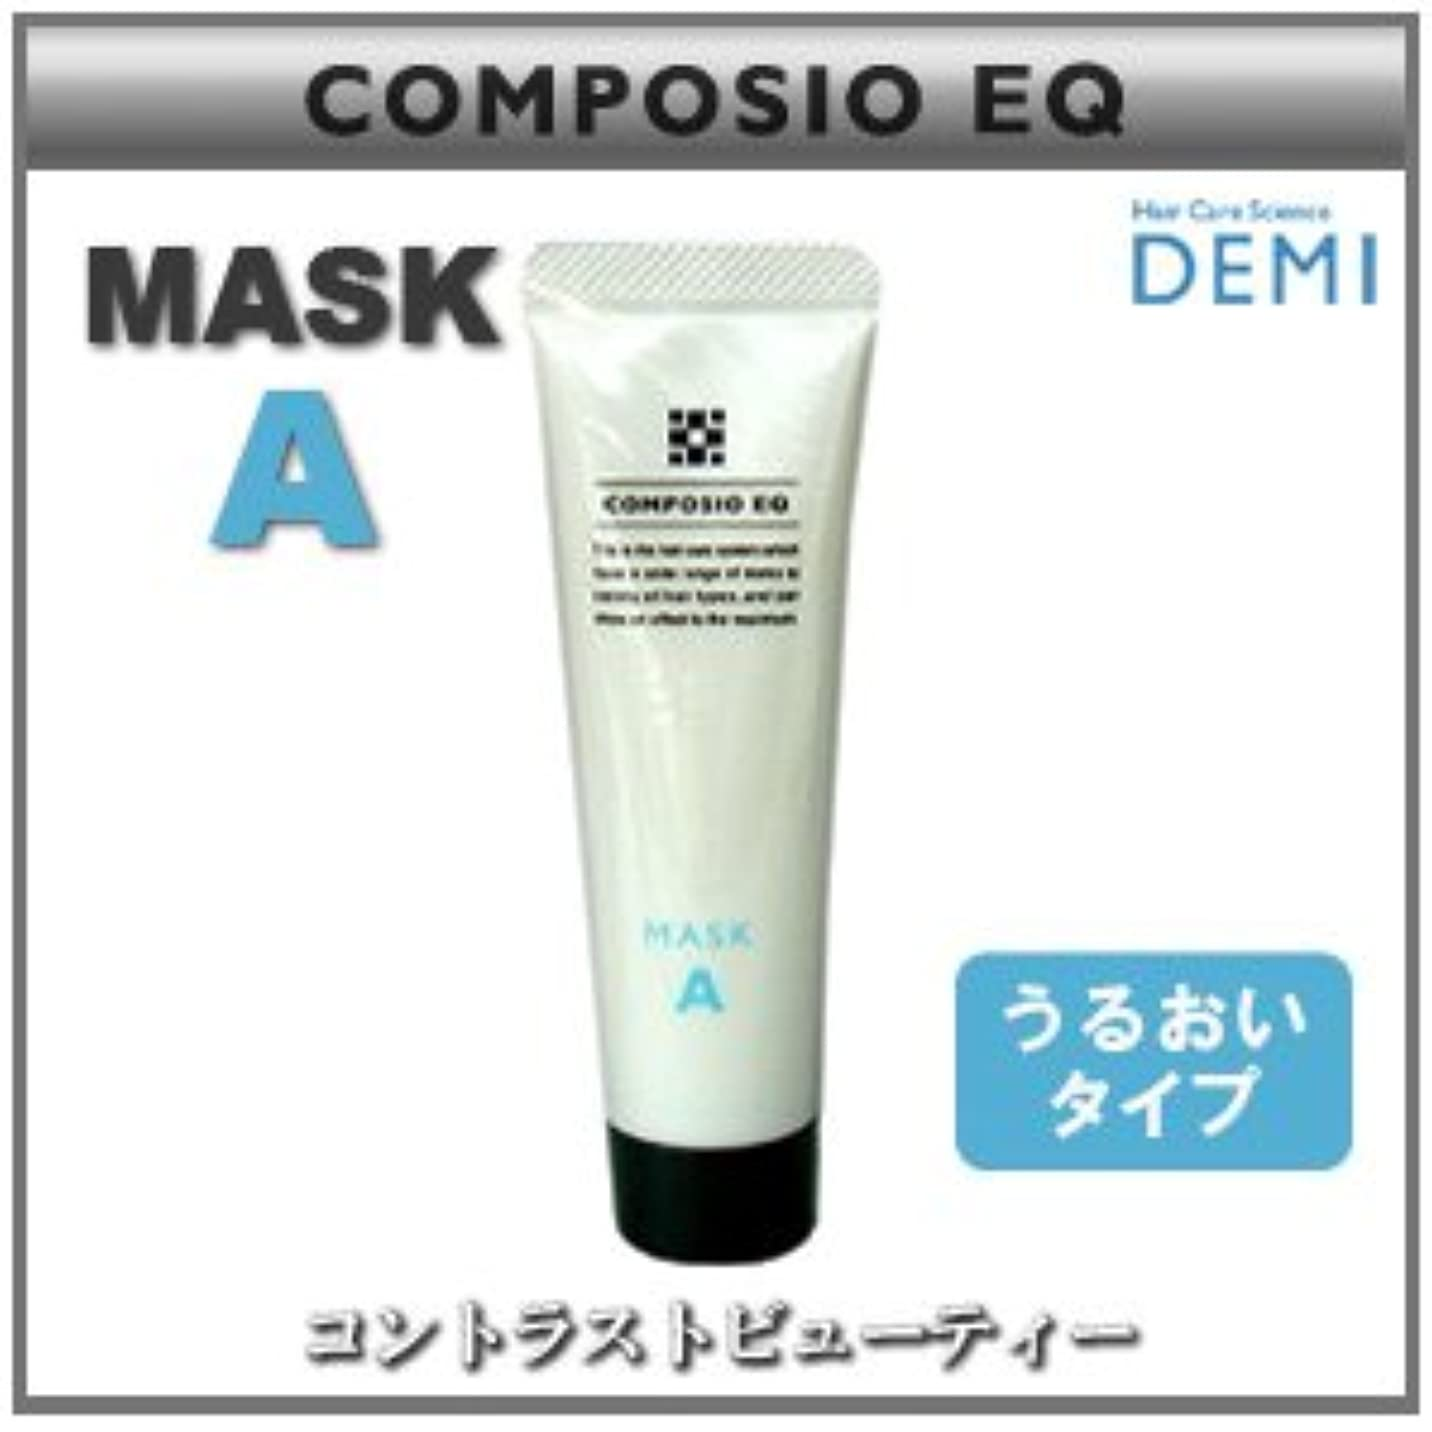 処理青写真知覚的【X5個セット】 デミ コンポジオ EQ マスク A 50g